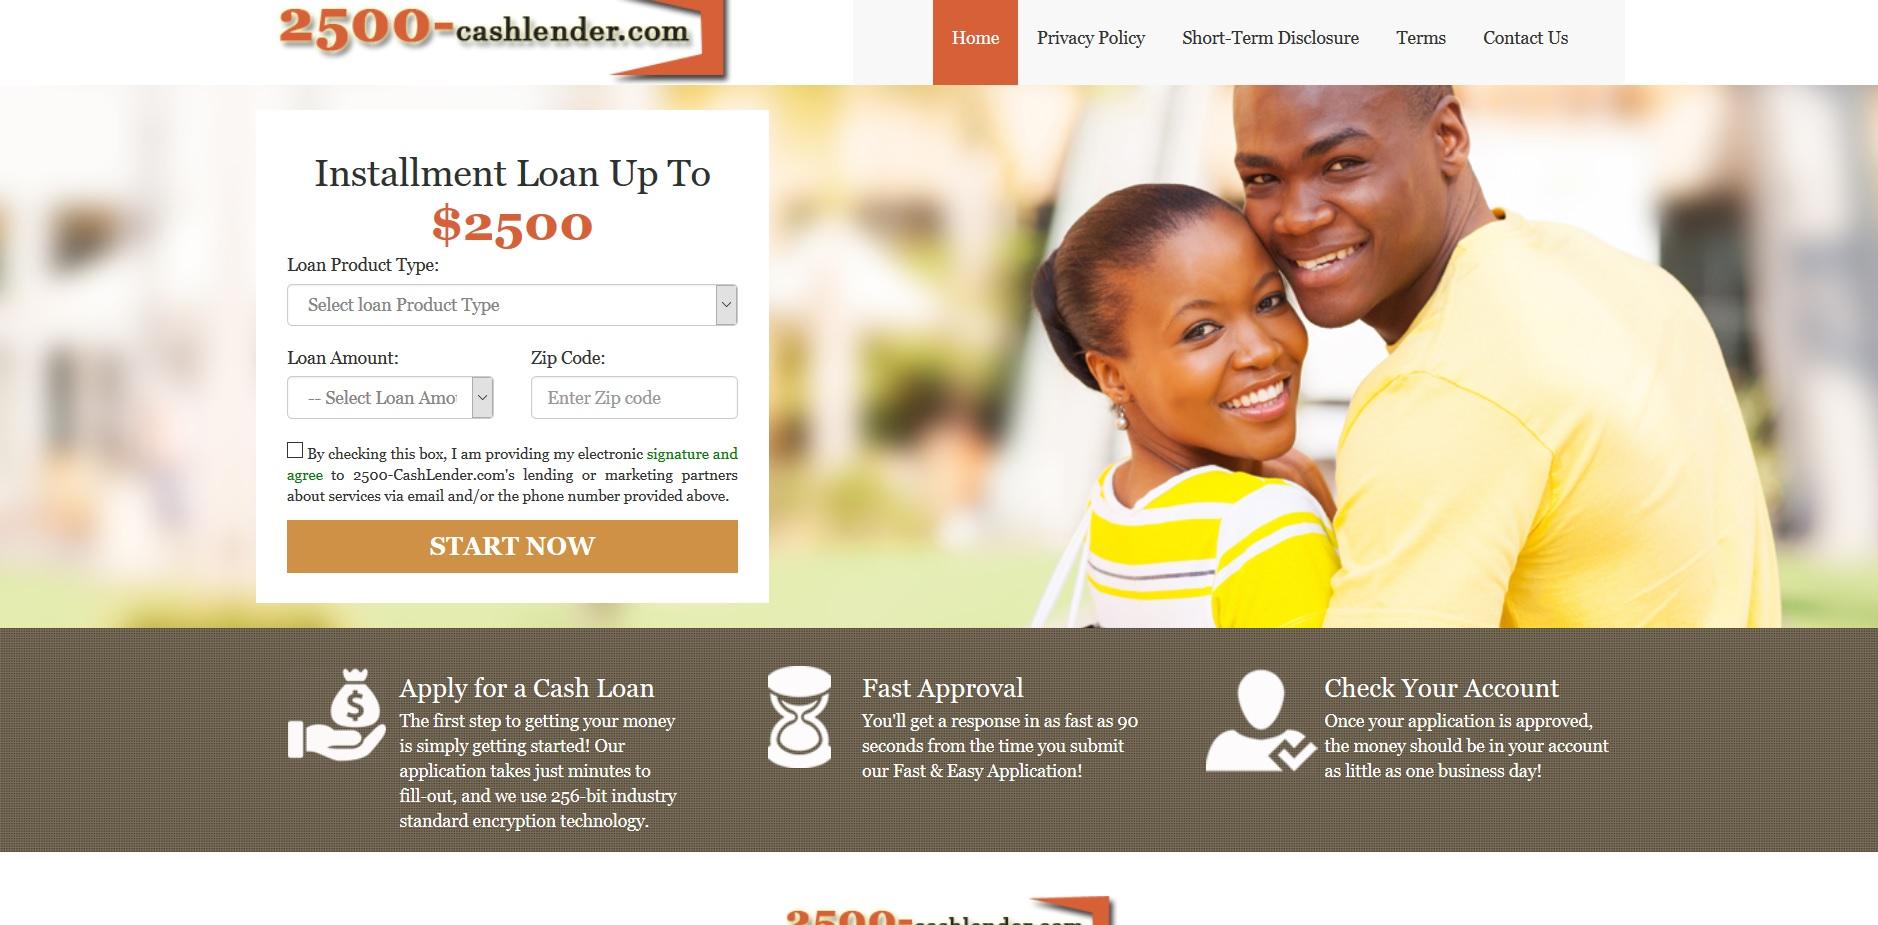 2500 cash loan